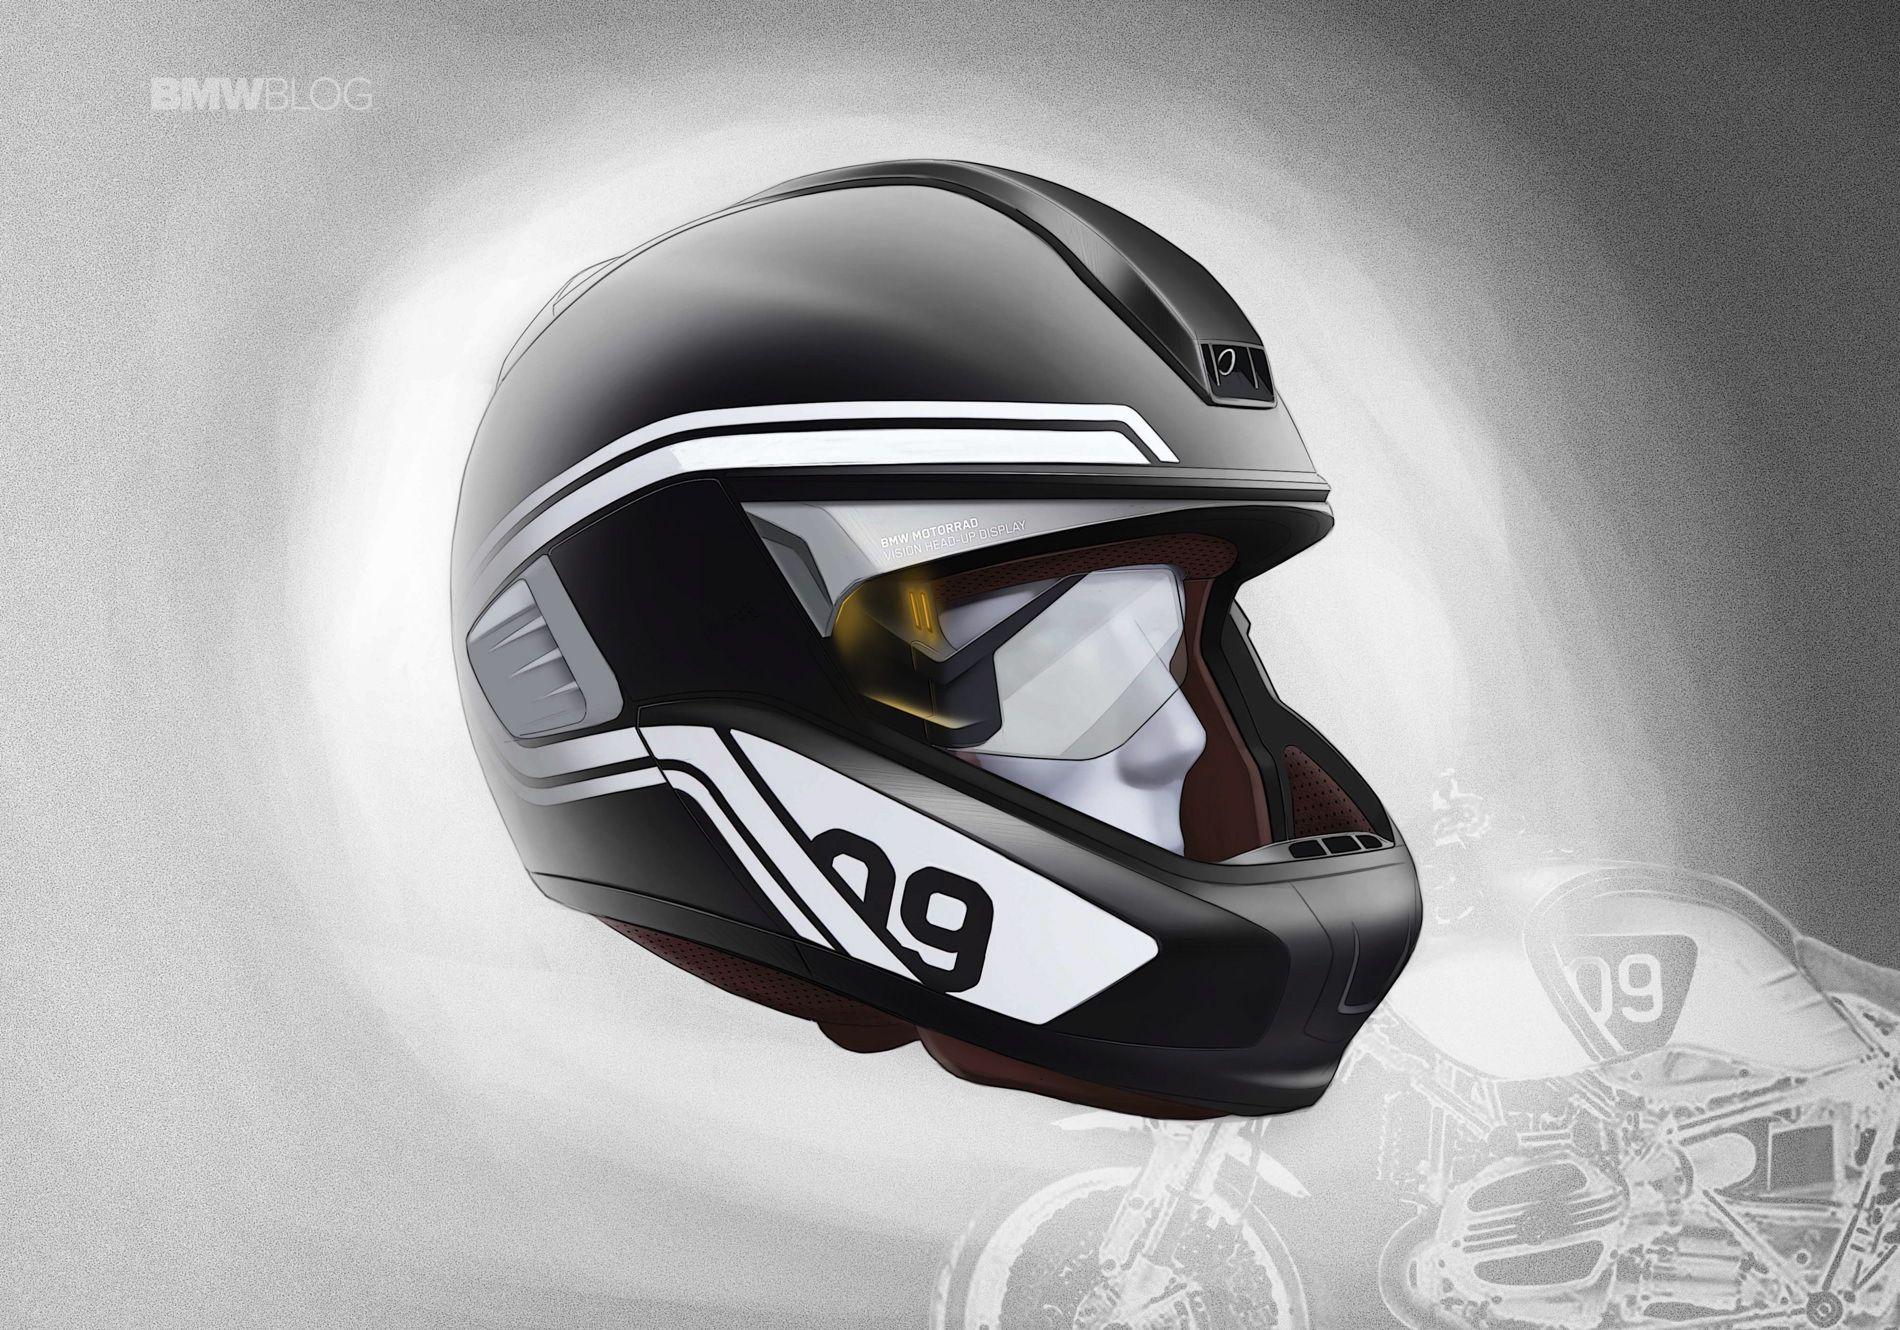 BMW-helmet-head-up-display-12.jpg (1900×1330)